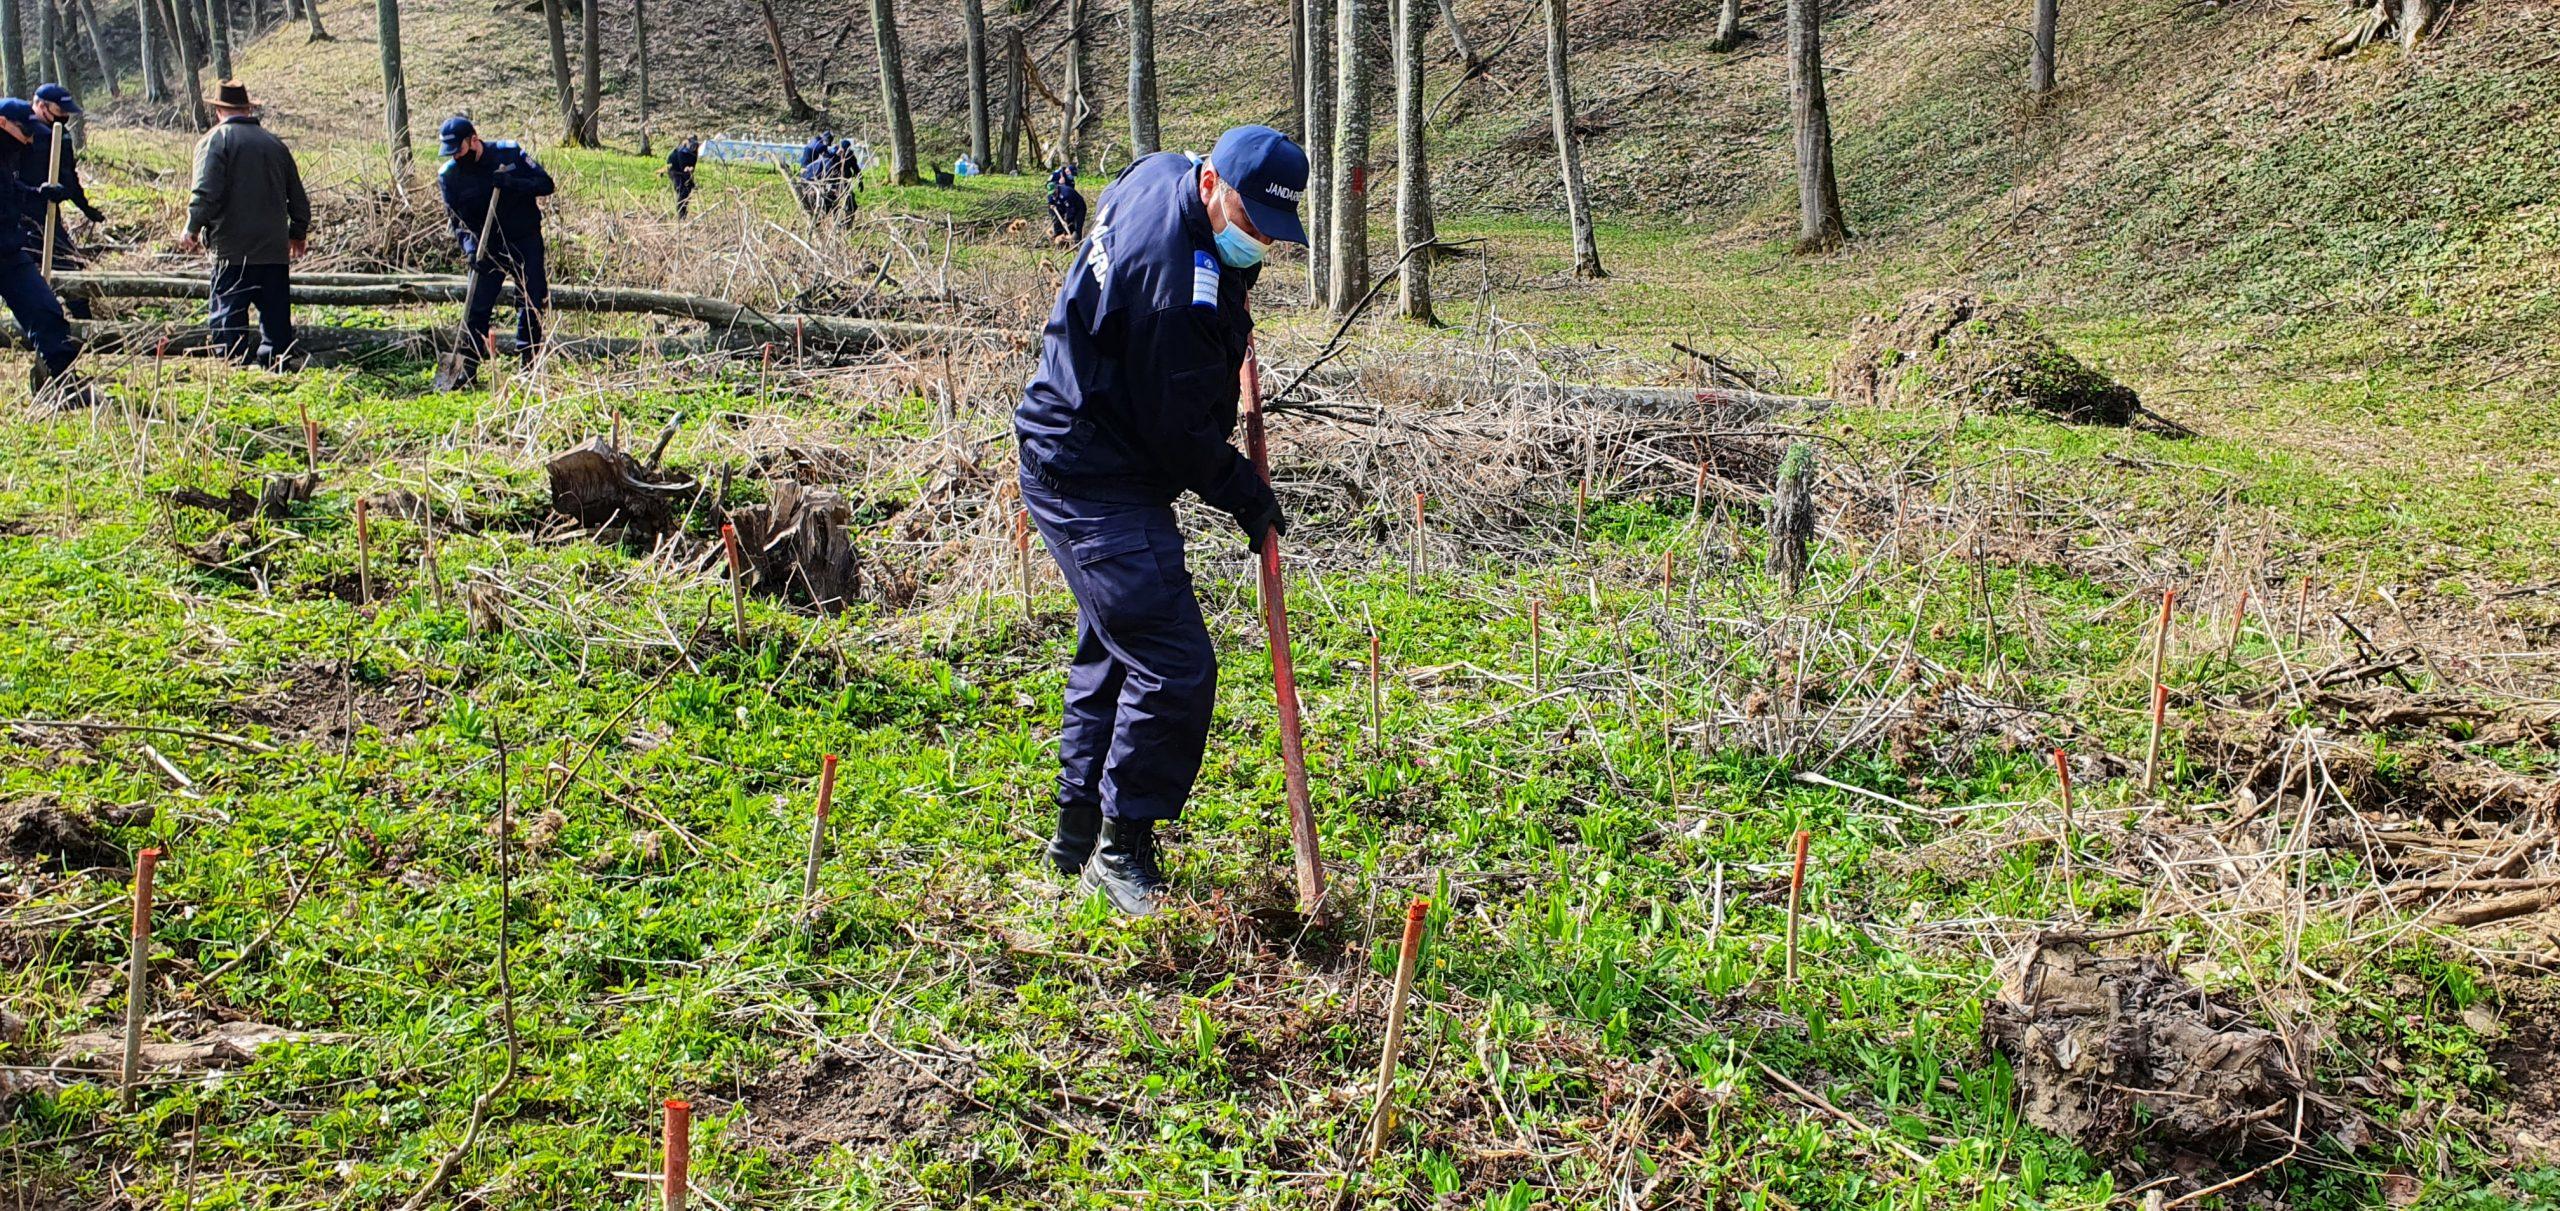 171 de copaci plantați pentru cei 171 de ani ai Jandarmeriei  Române